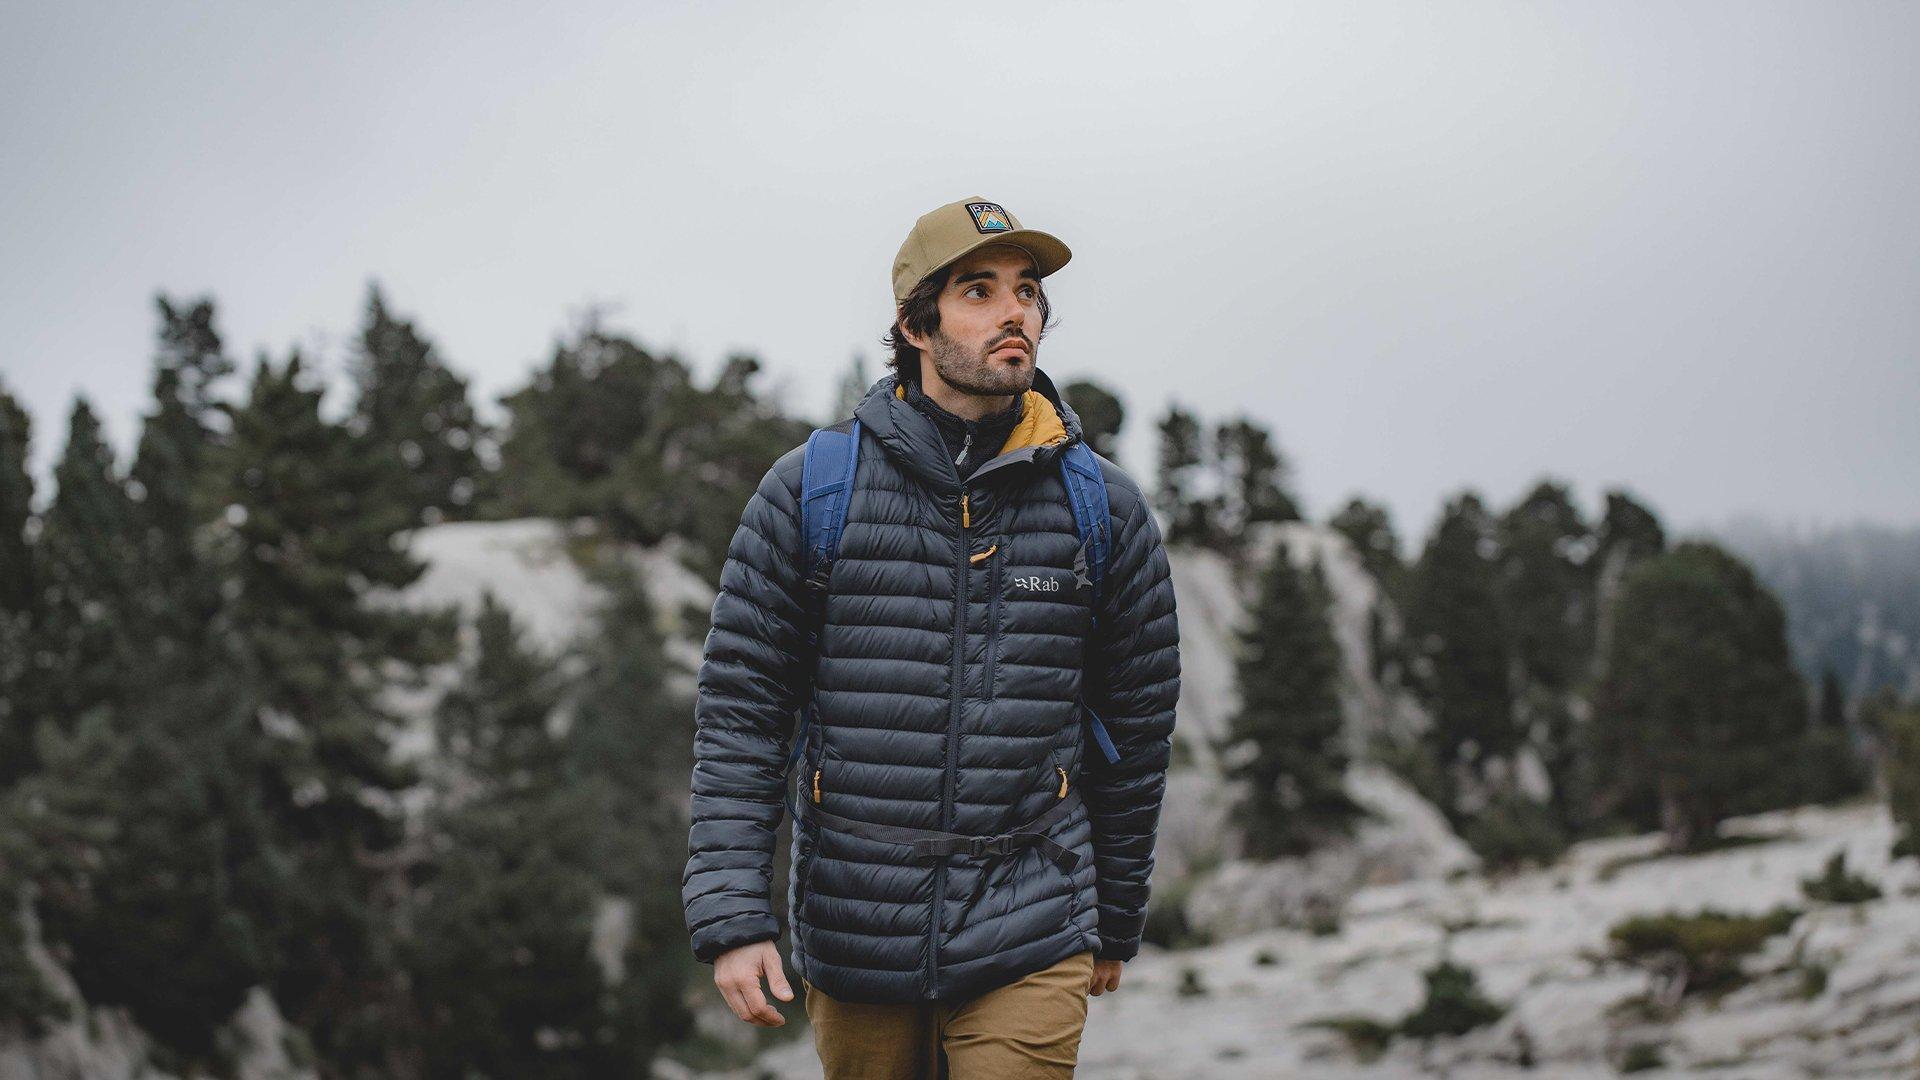 outdoor adventurer wearing Rab's Microlight jacket